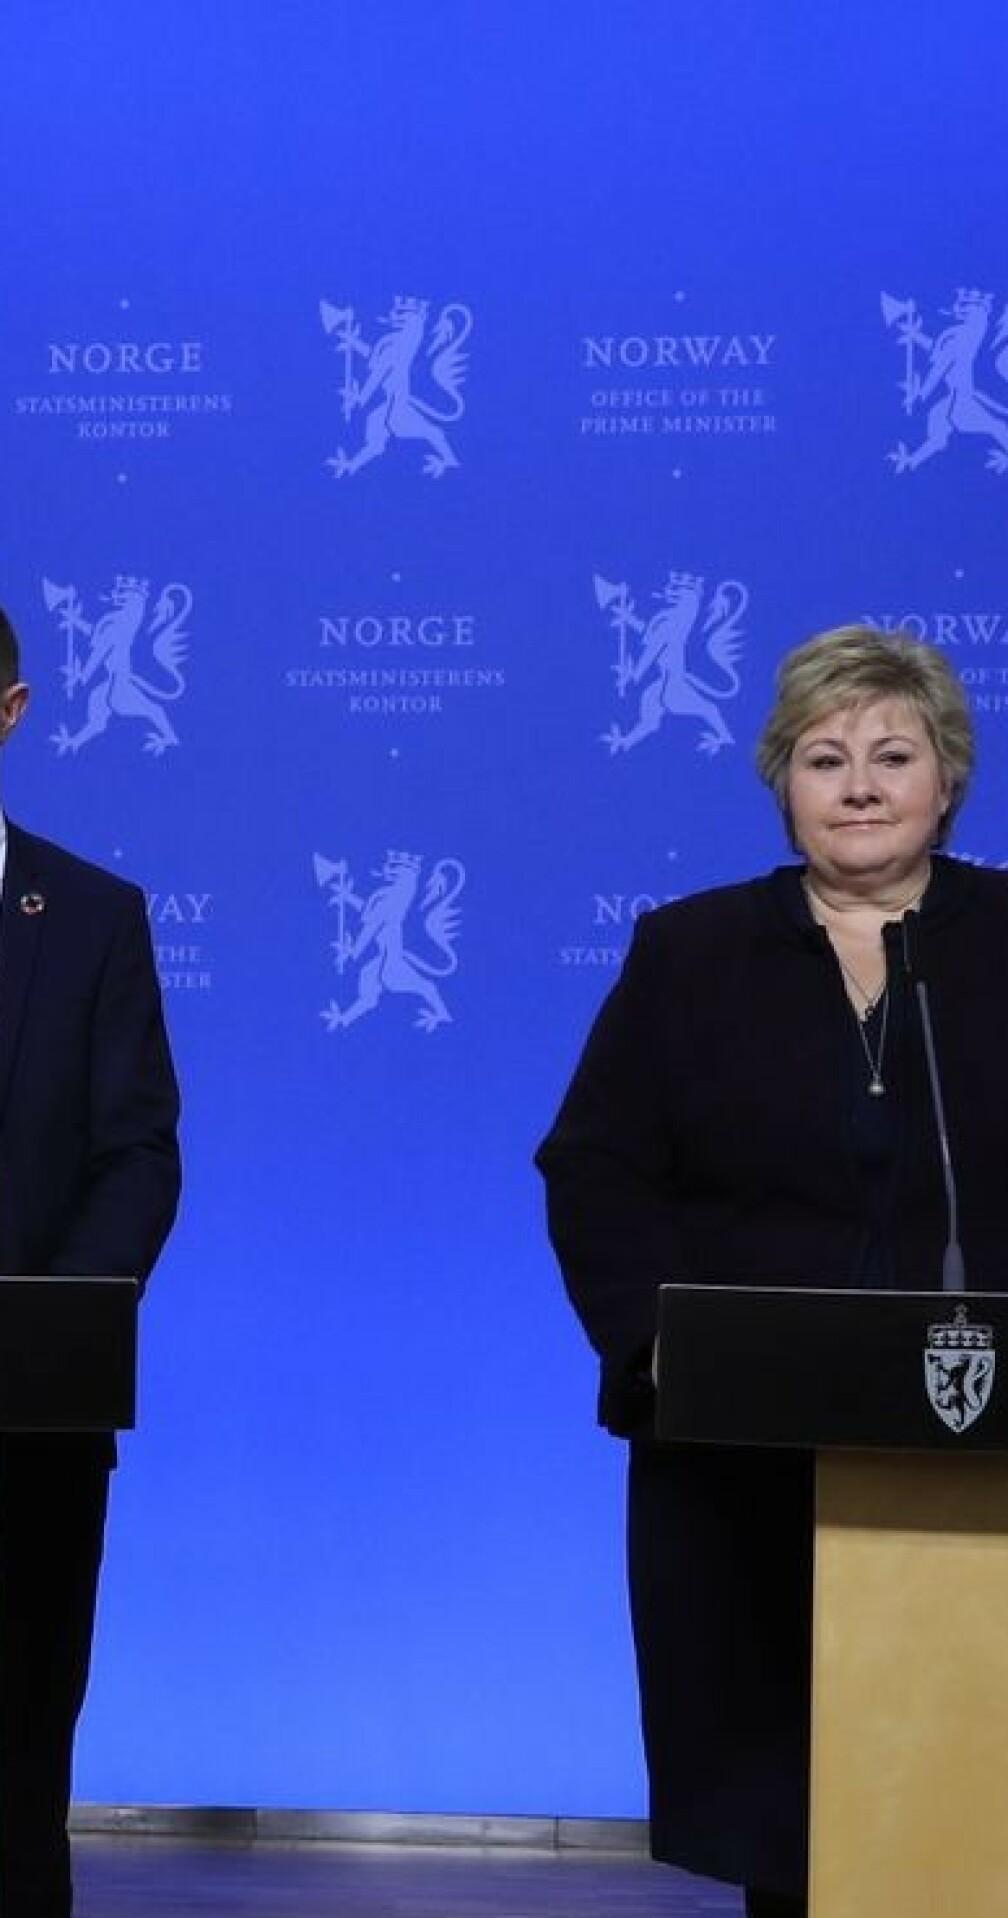 Helsetopper innrømmer: Norge ville neppe blitt stengt ned på samme måte i dag